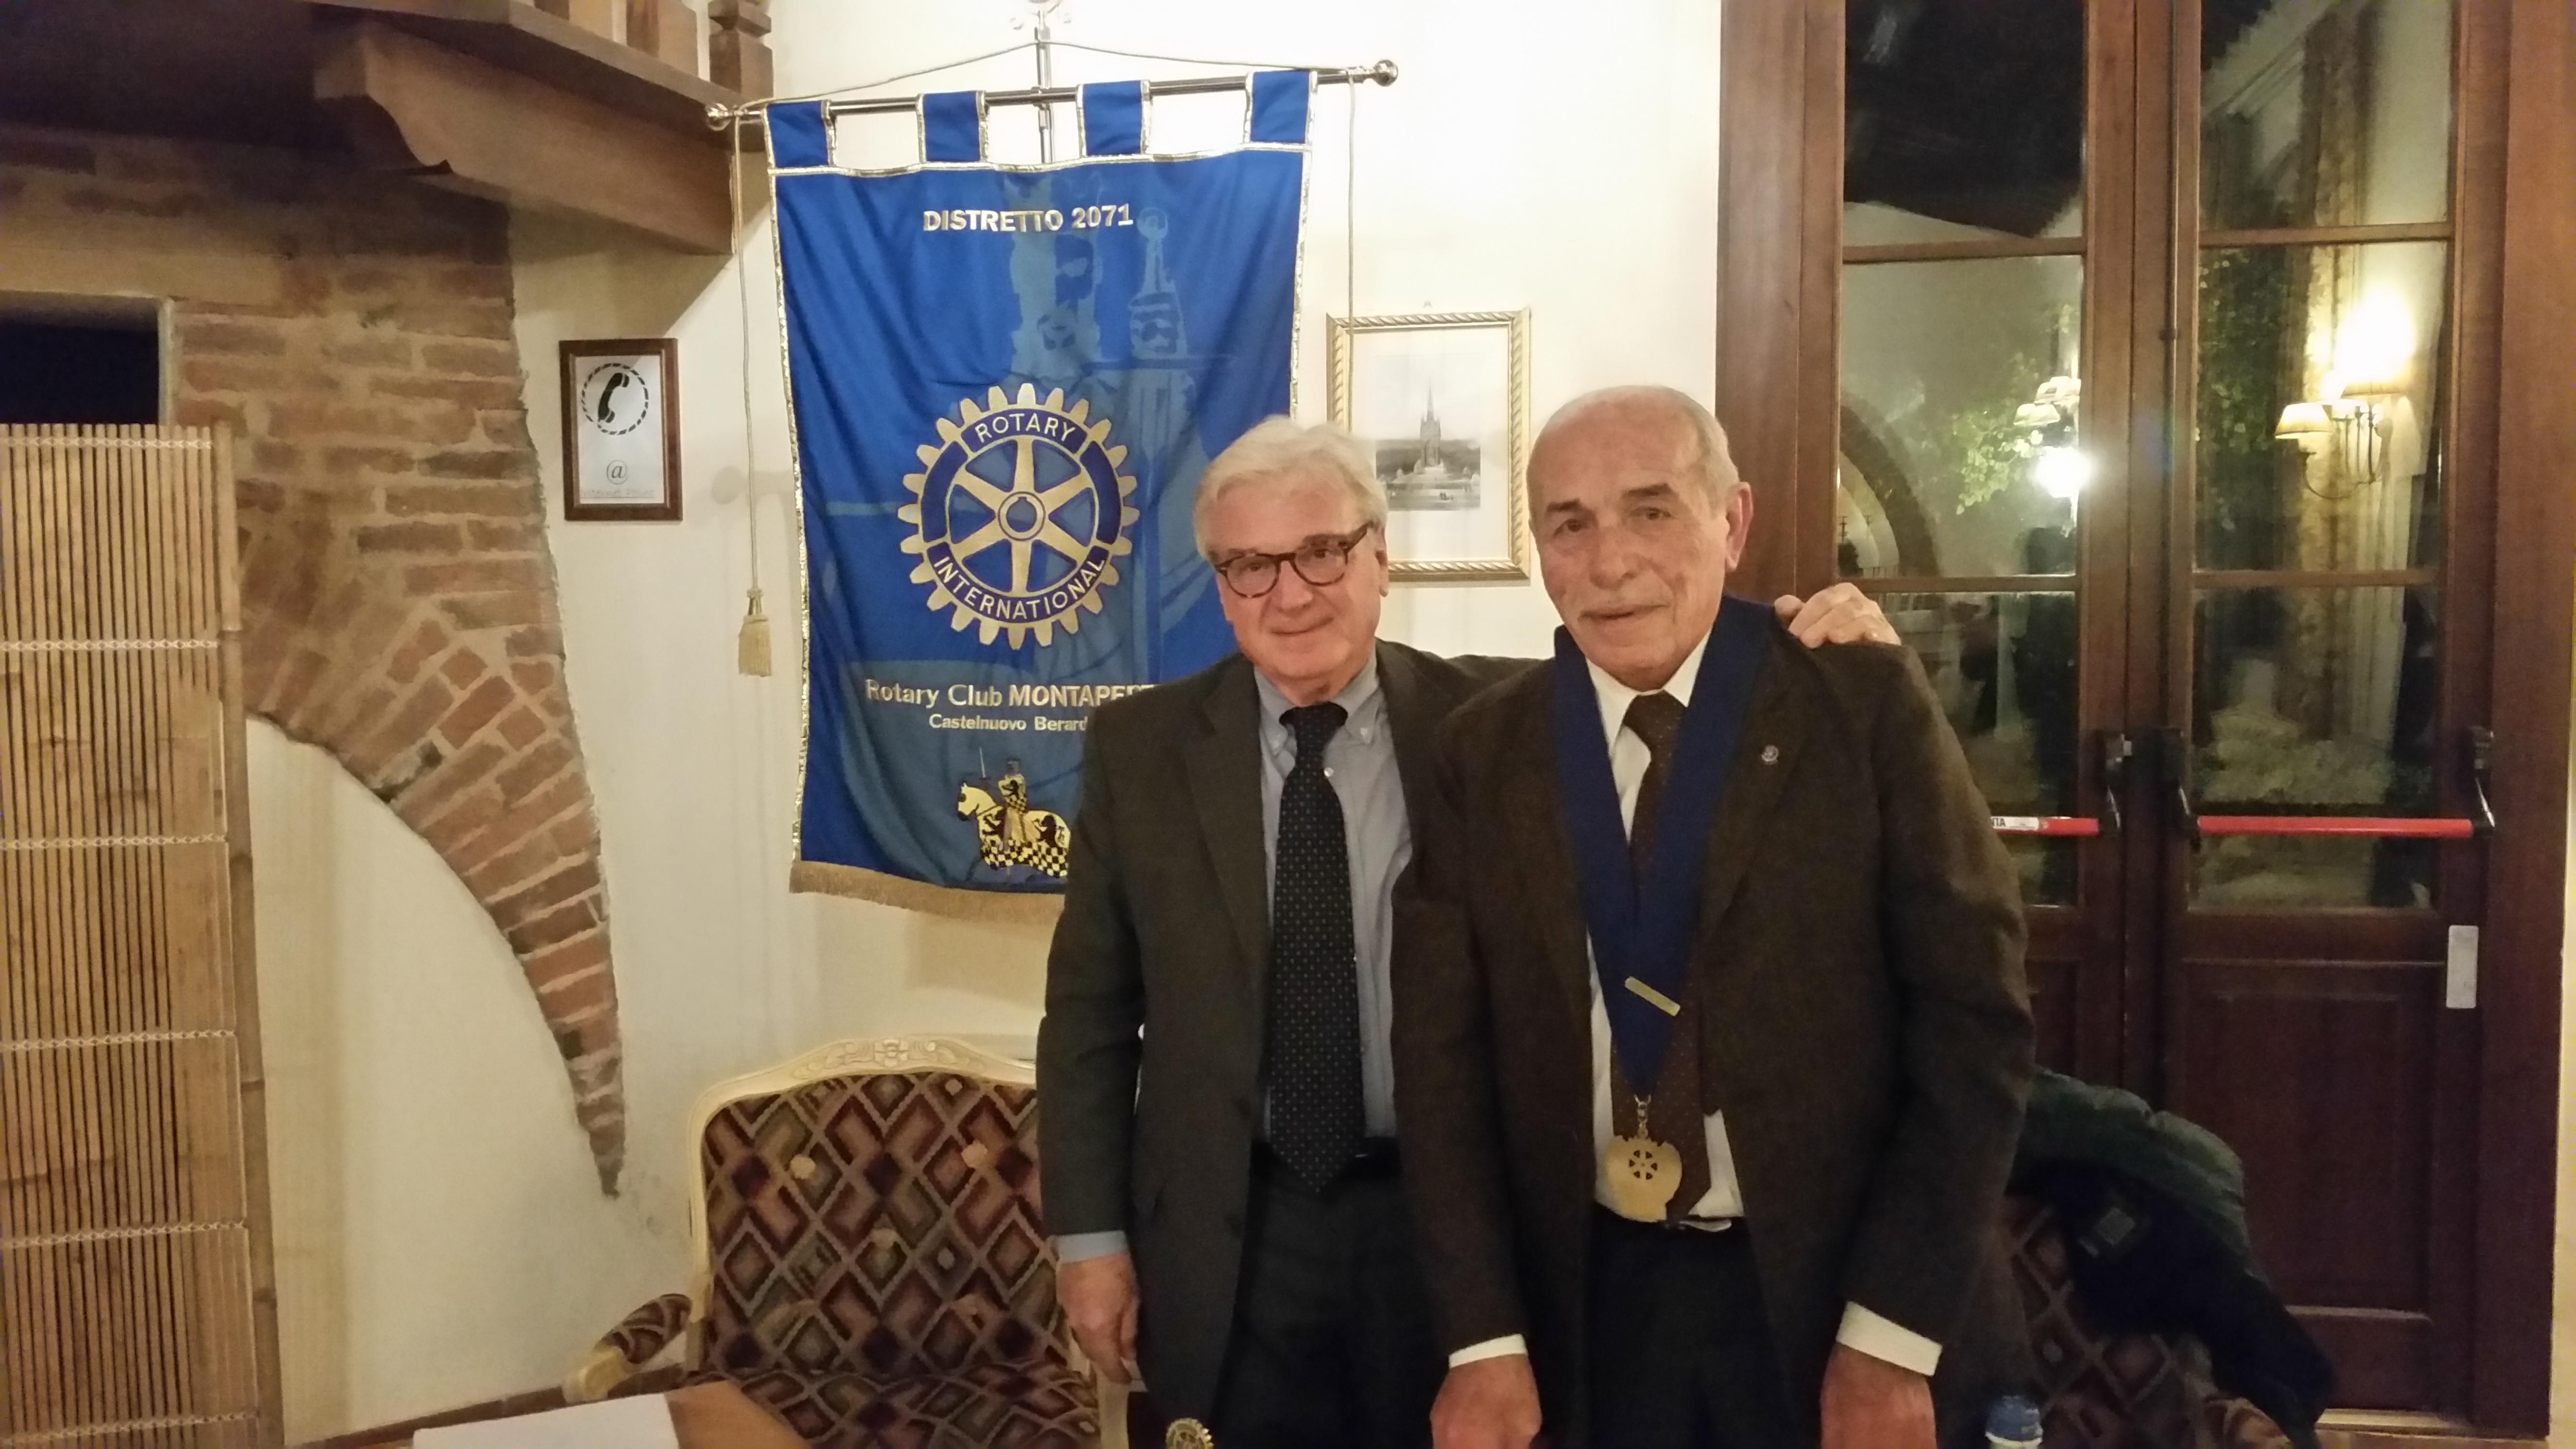 Il Presidente Sergio Mancini con l'Istruttore Vincenzo Santoro